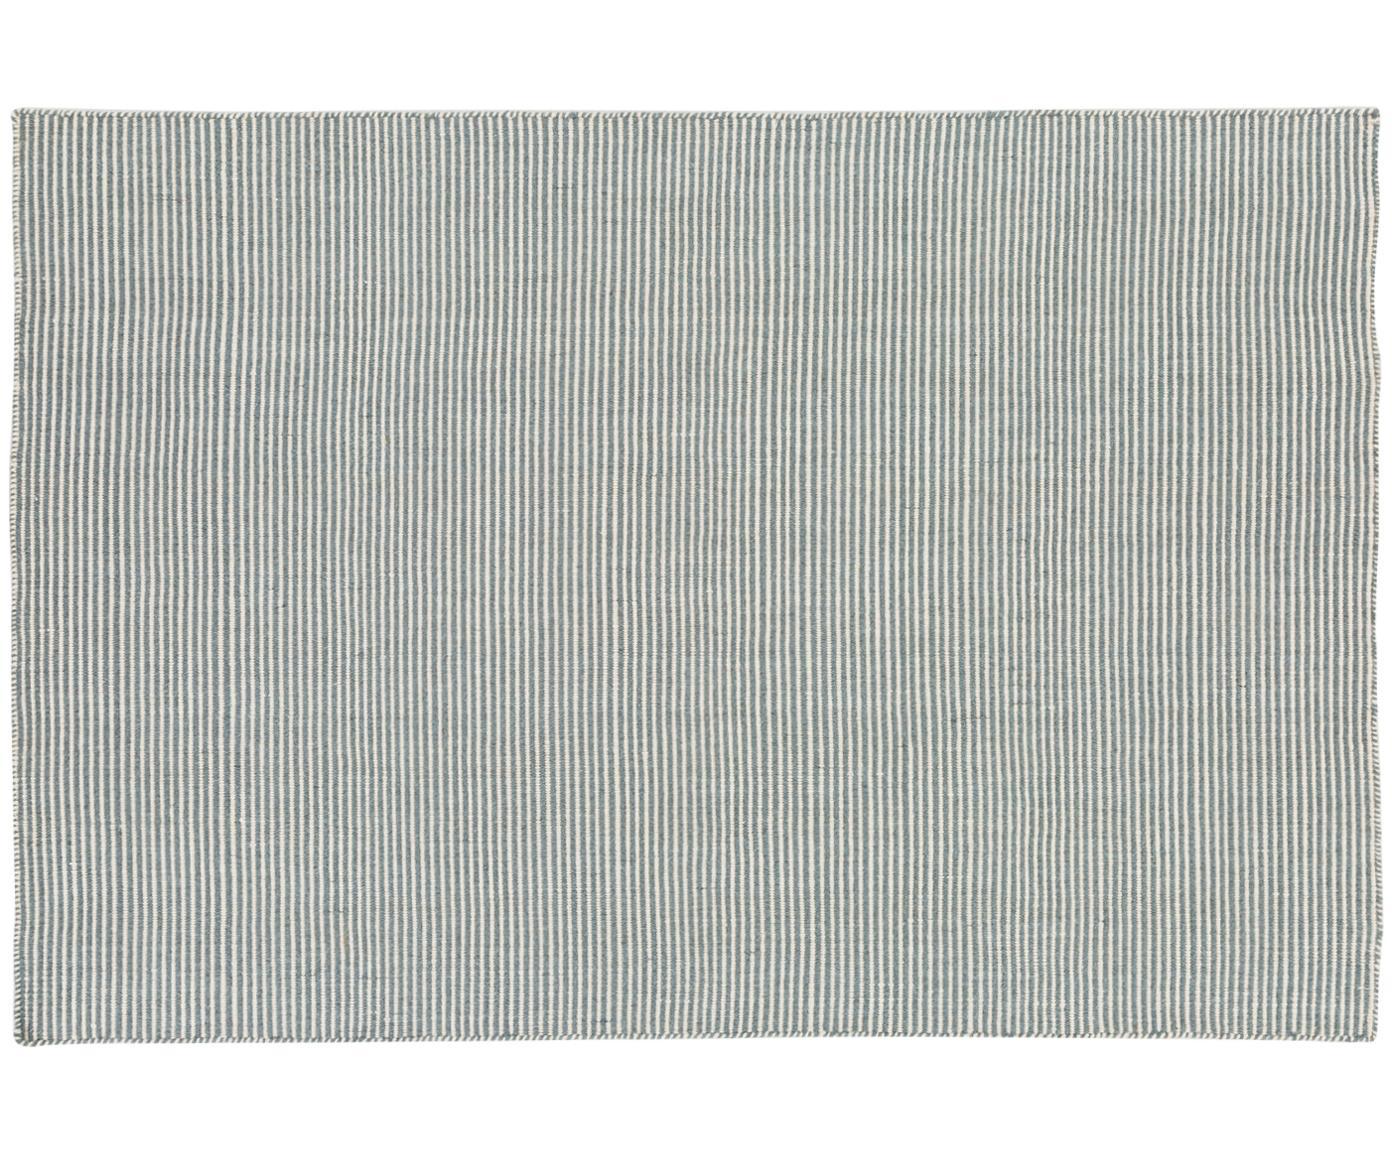 Fein gestreifter Wollteppich Ajo in Blau-Creme, handgewebt, Graublau, Creme, B 140 x L 200 cm (Grösse S)